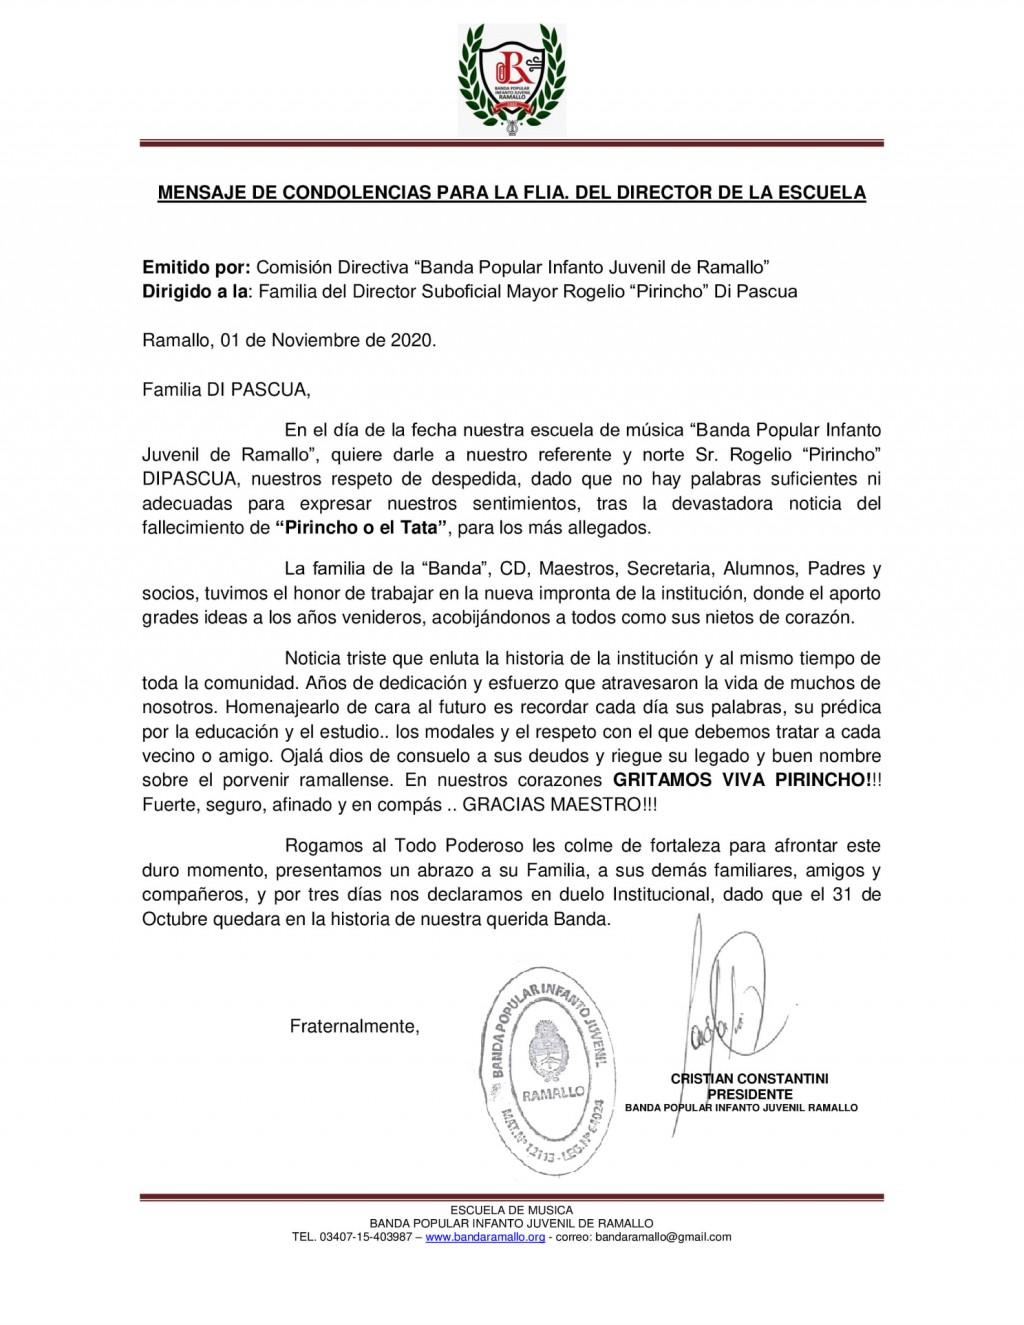 BANDA POPULAR INFANTO JUVENIL DE RAMALLO